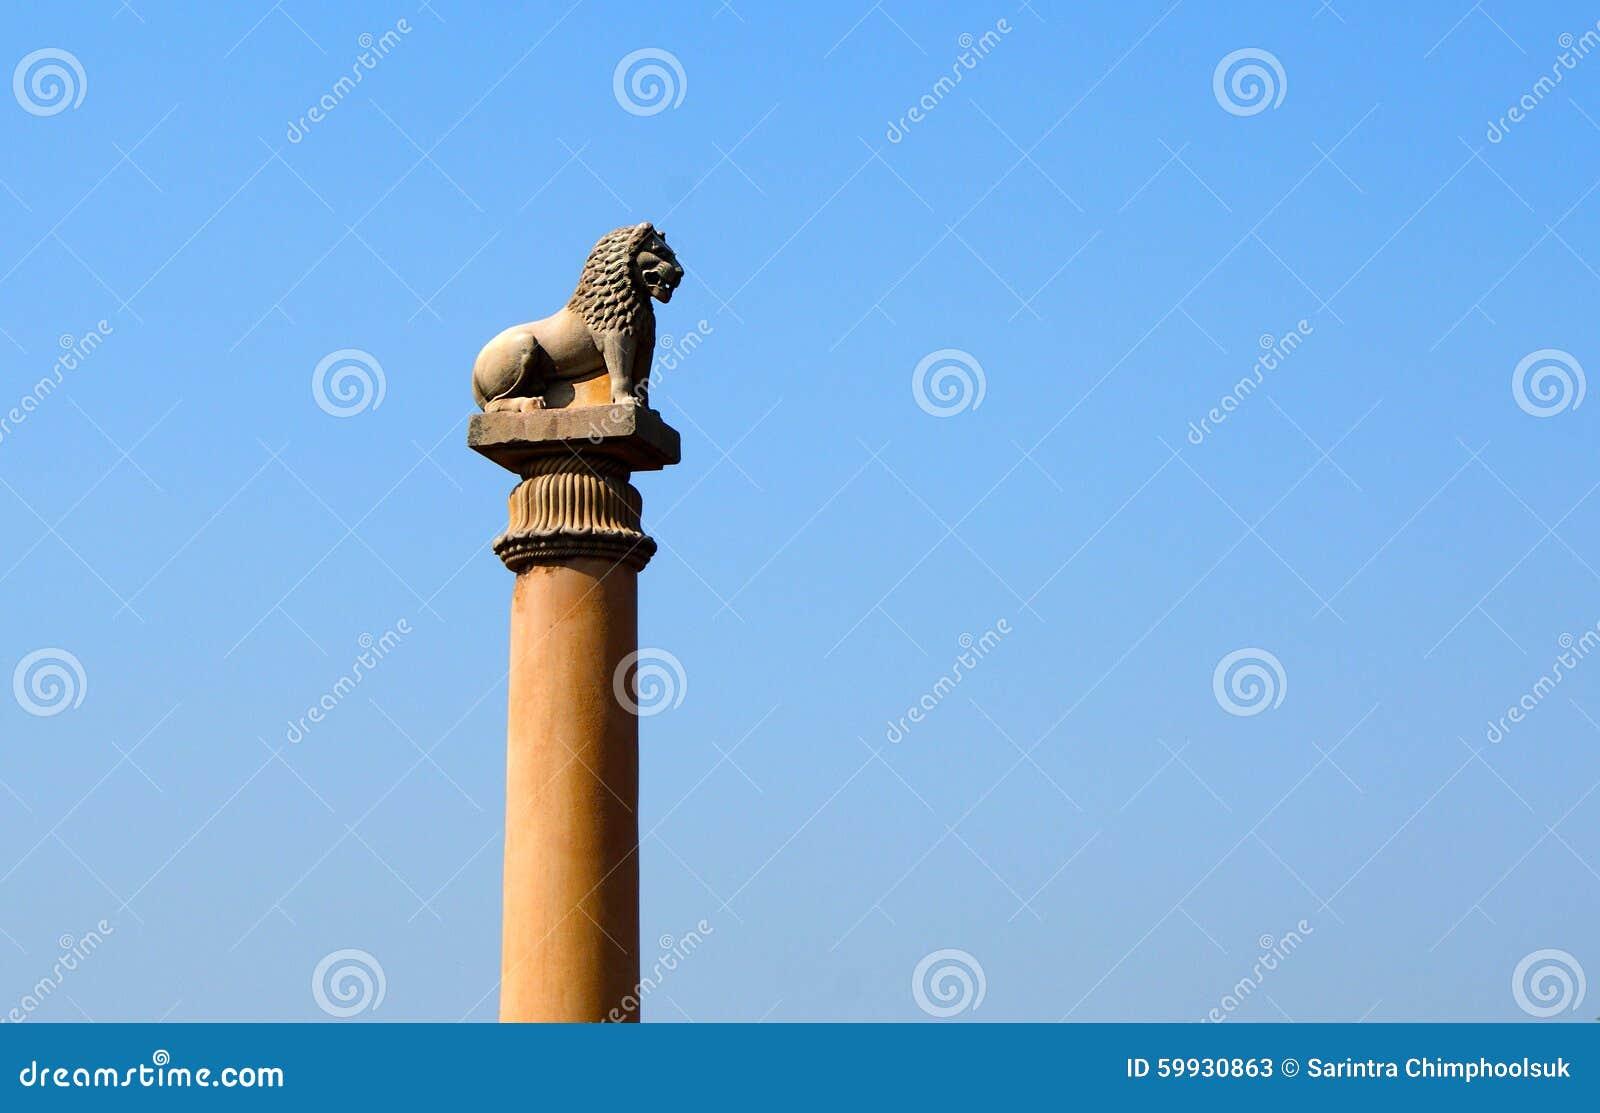 Die Säulen fanden bei Vaishali mit einzelner Löwe Haupt-Ashoka-Säule in Indien